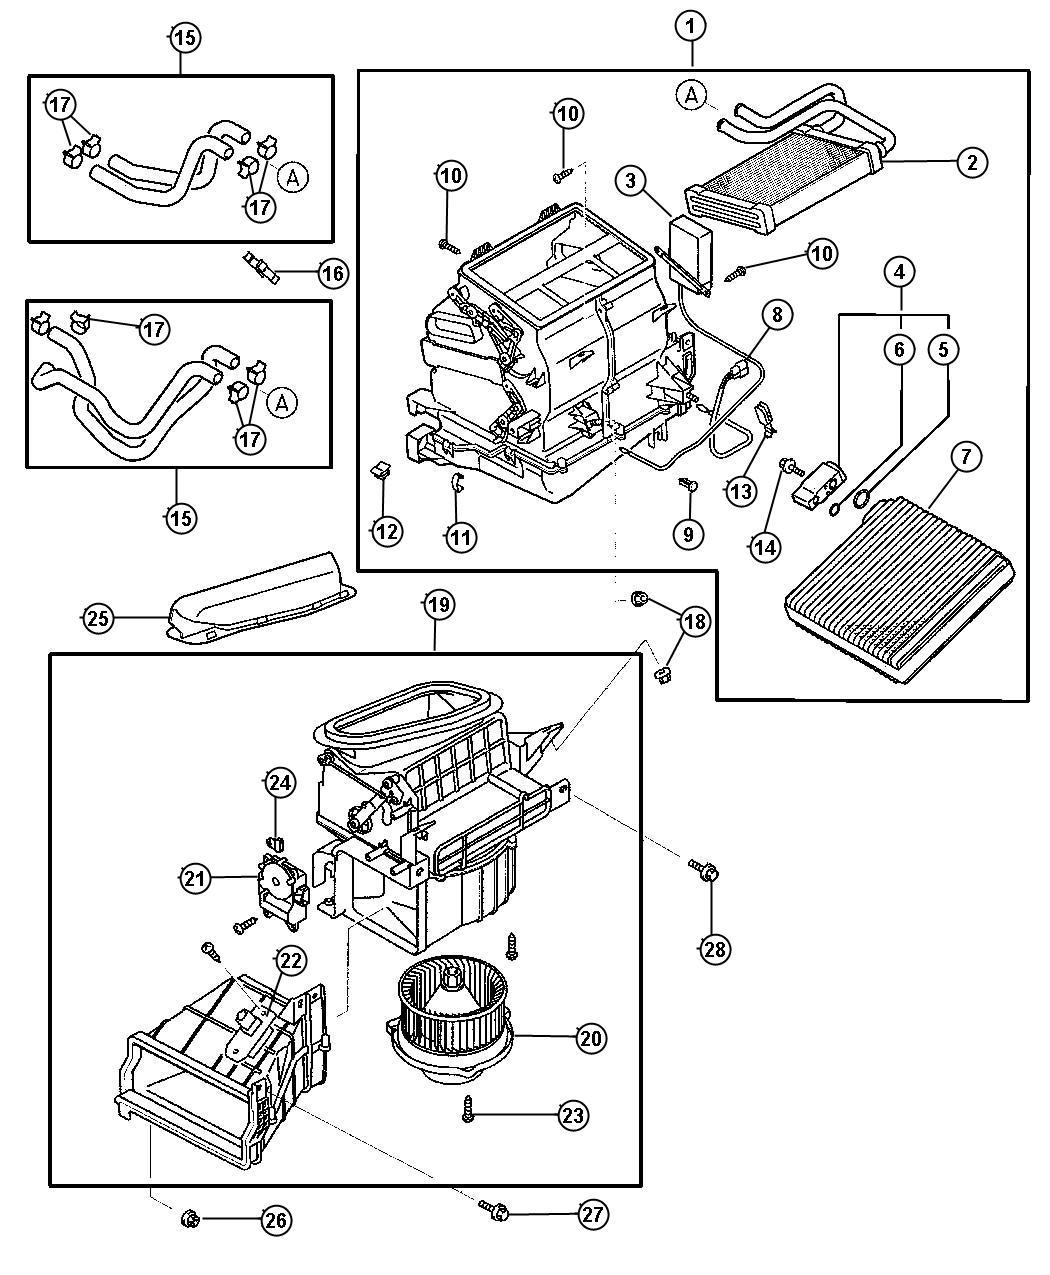 2001 Dodge Stratus Screw  A  C Housing  M8x16  Air